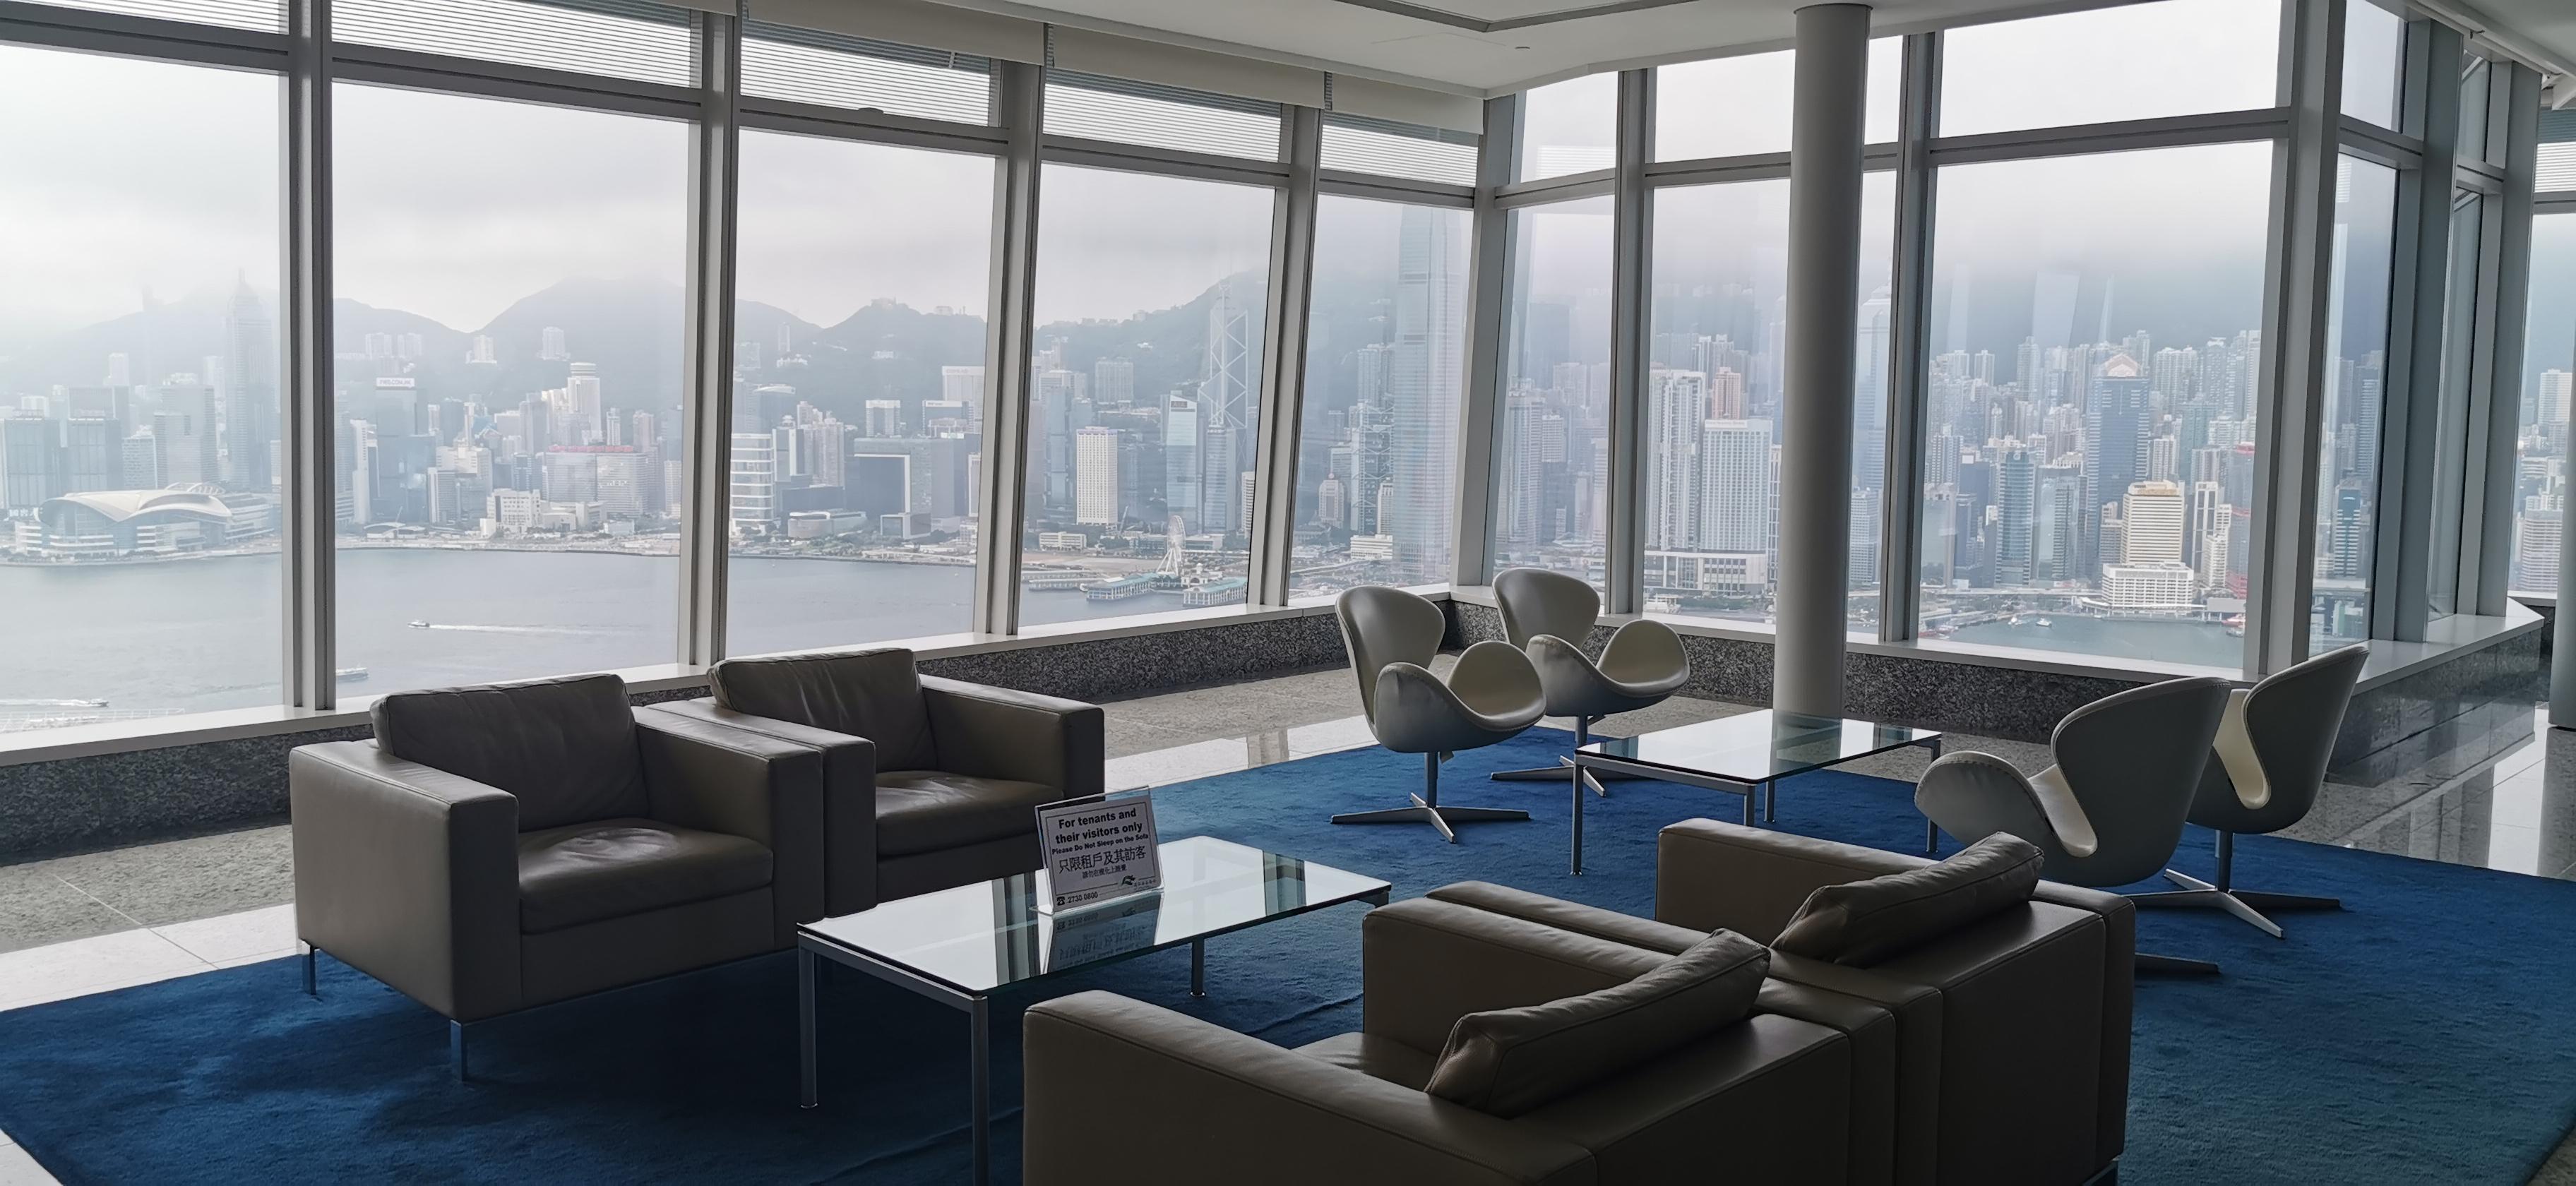 香港專業飛行員協會 ICC 等候處